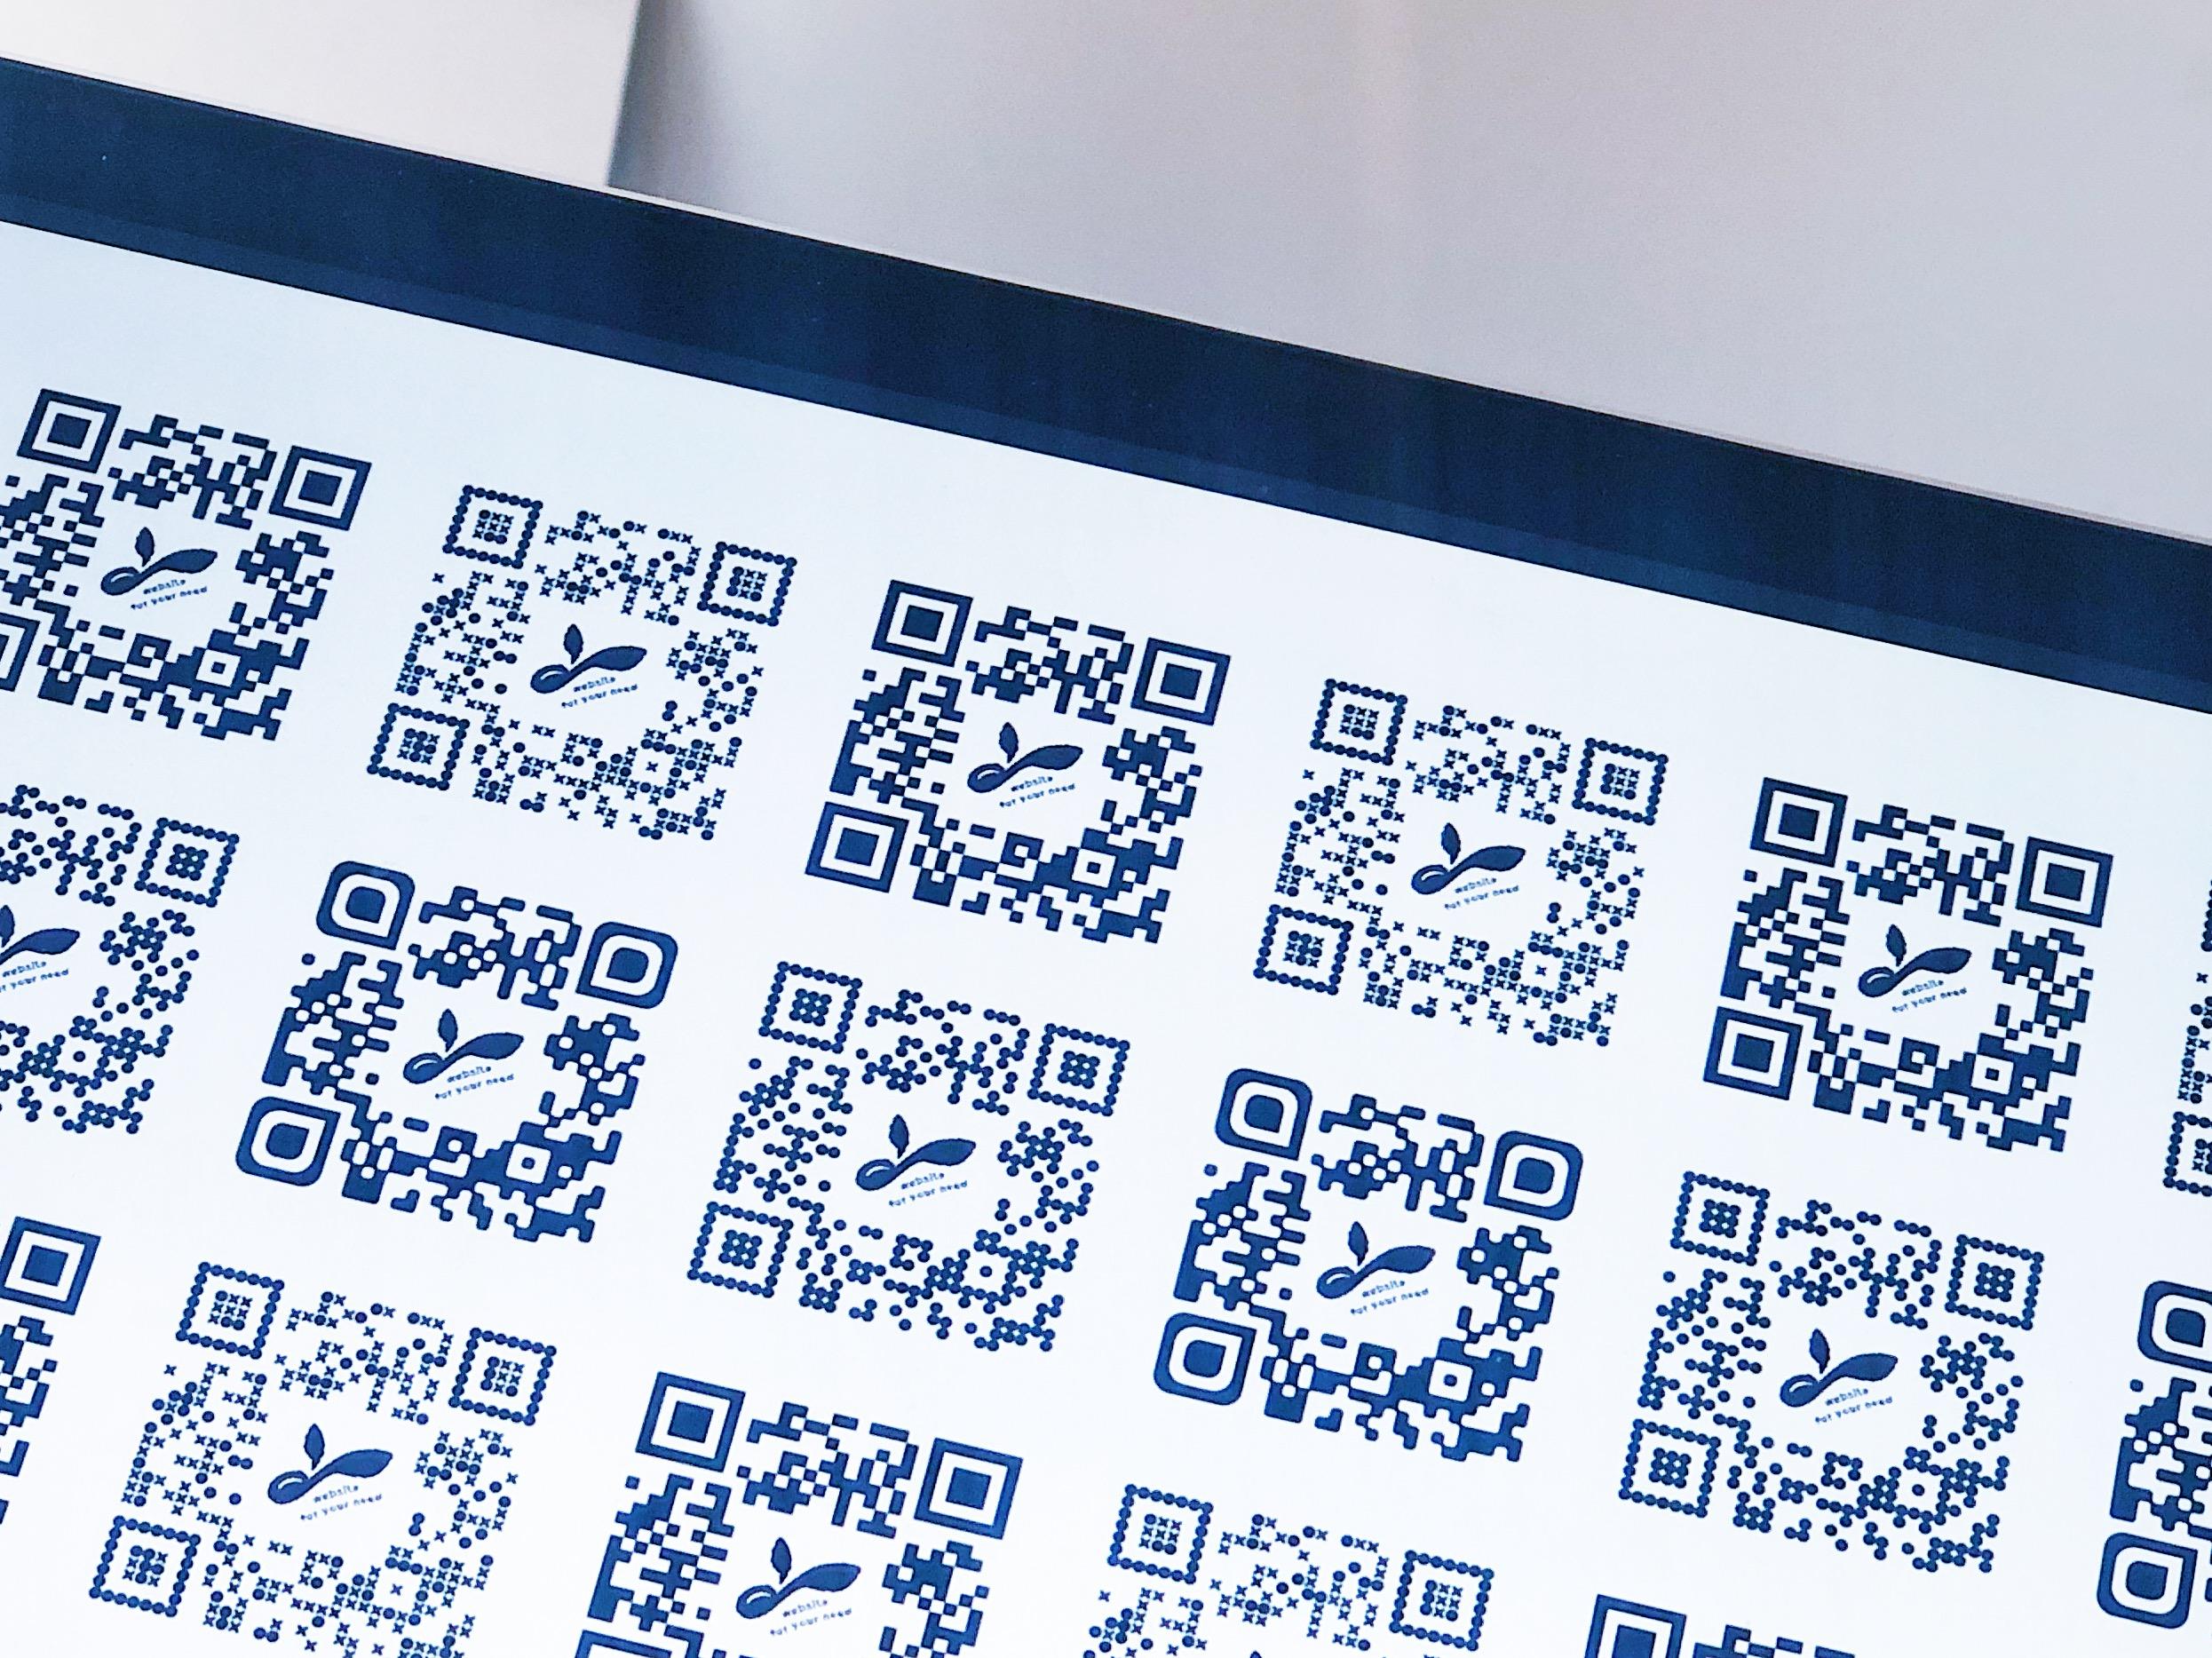 デザインQRコード、ロゴ、アイコンを組み込み読み取り率アップ